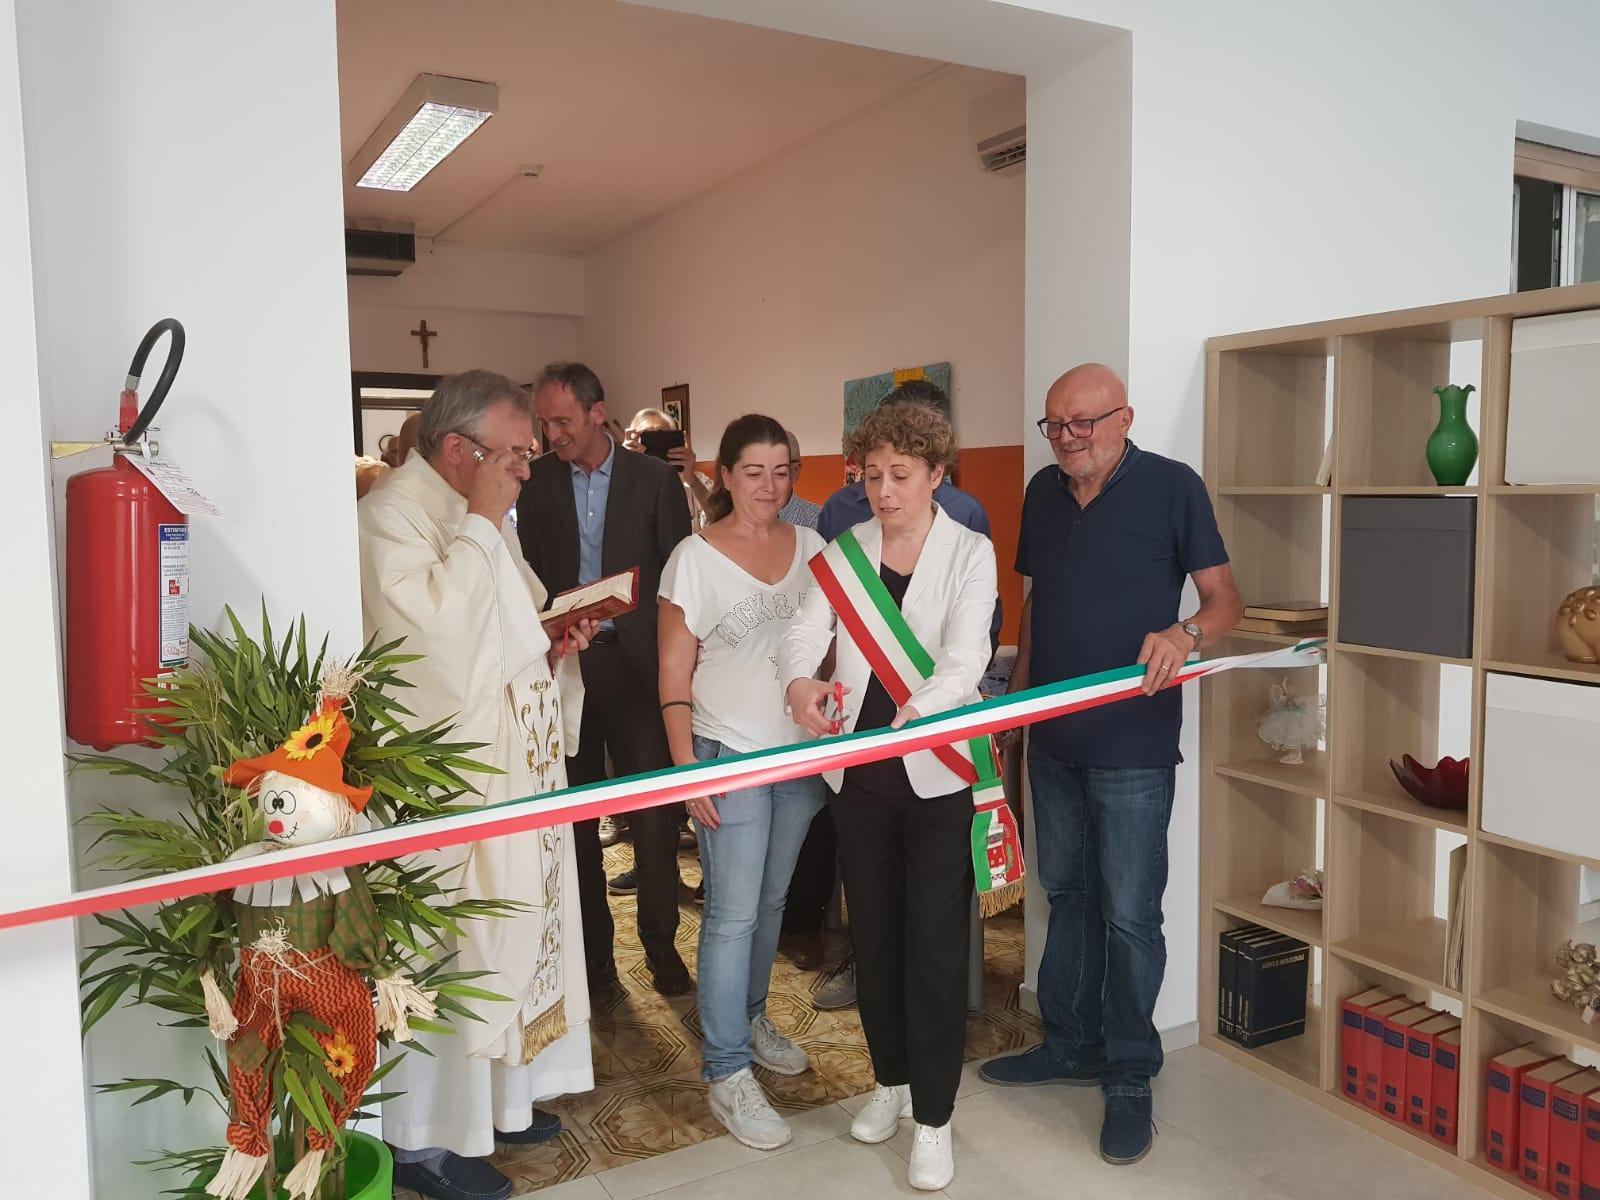 Festa S. Anna 2019 - Messa Inaugurazione (53)